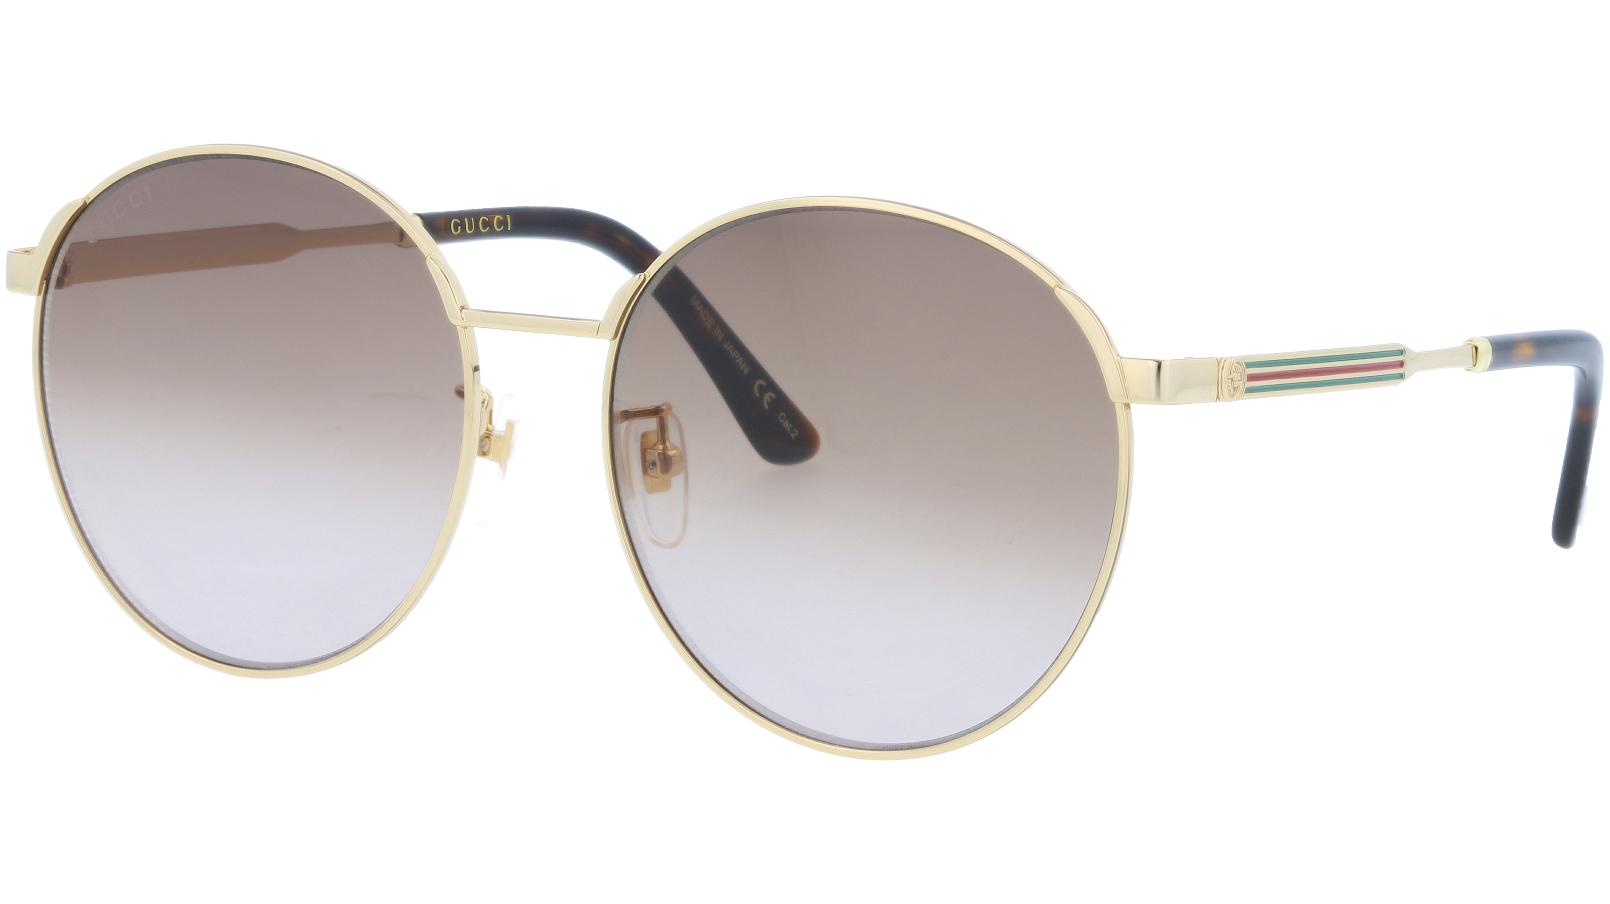 GUCCI GG0206SK 001 58 GOLD Sunglasses